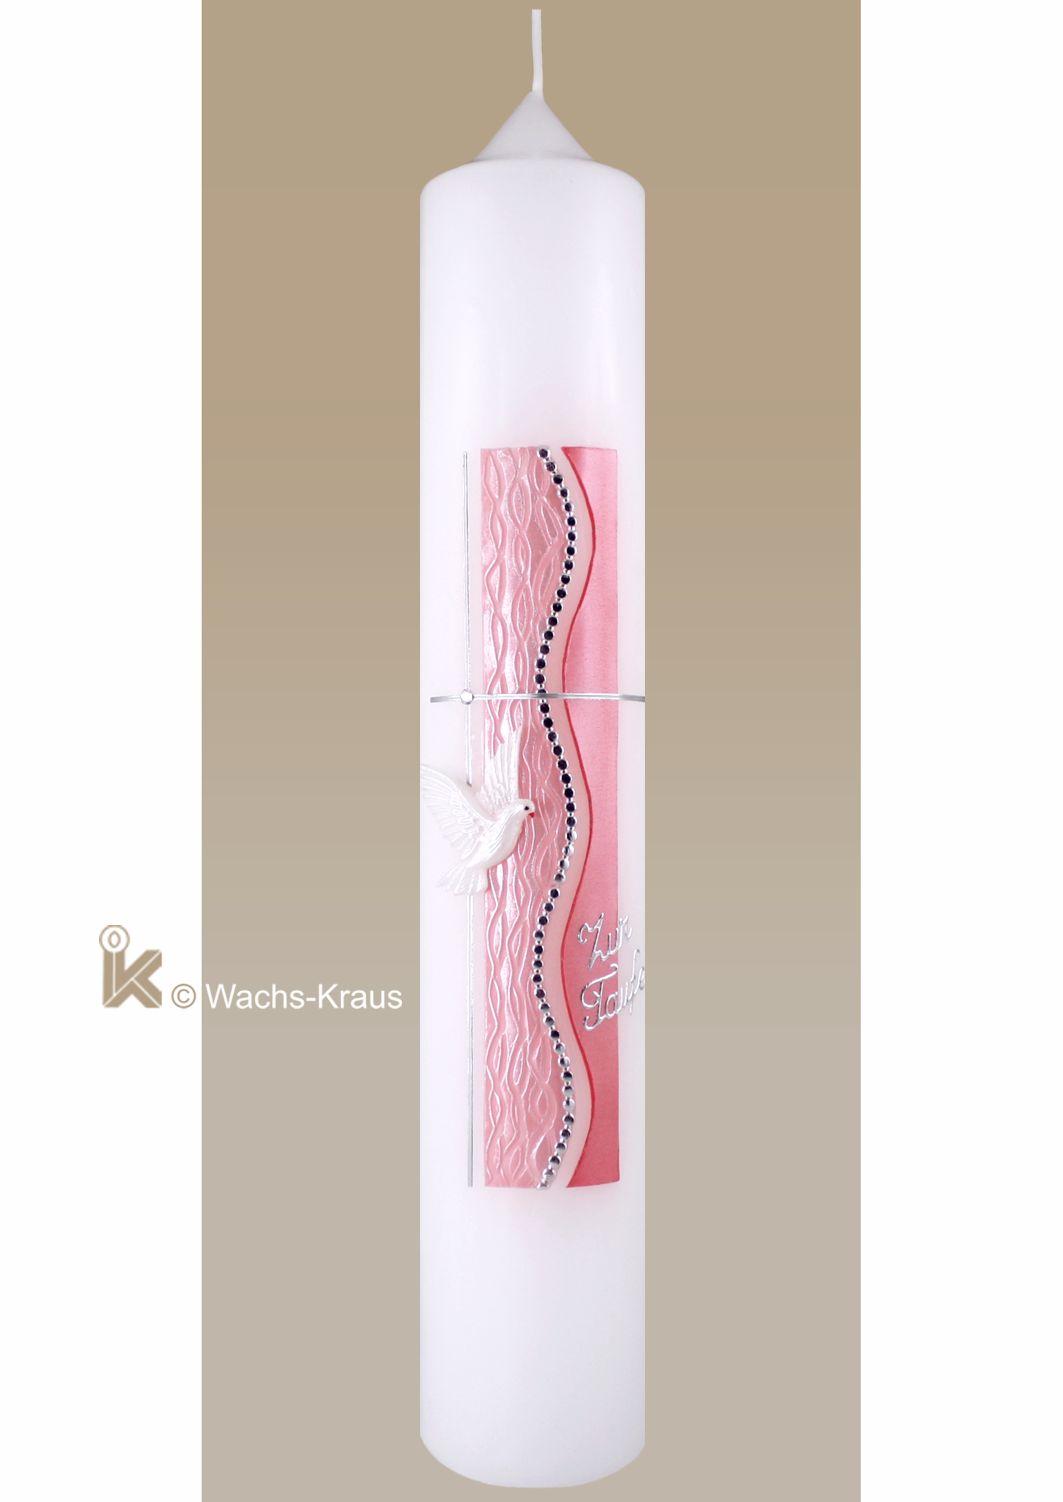 Taufkerzen für Mädchen Elegantes Designe und Handwerkskunst